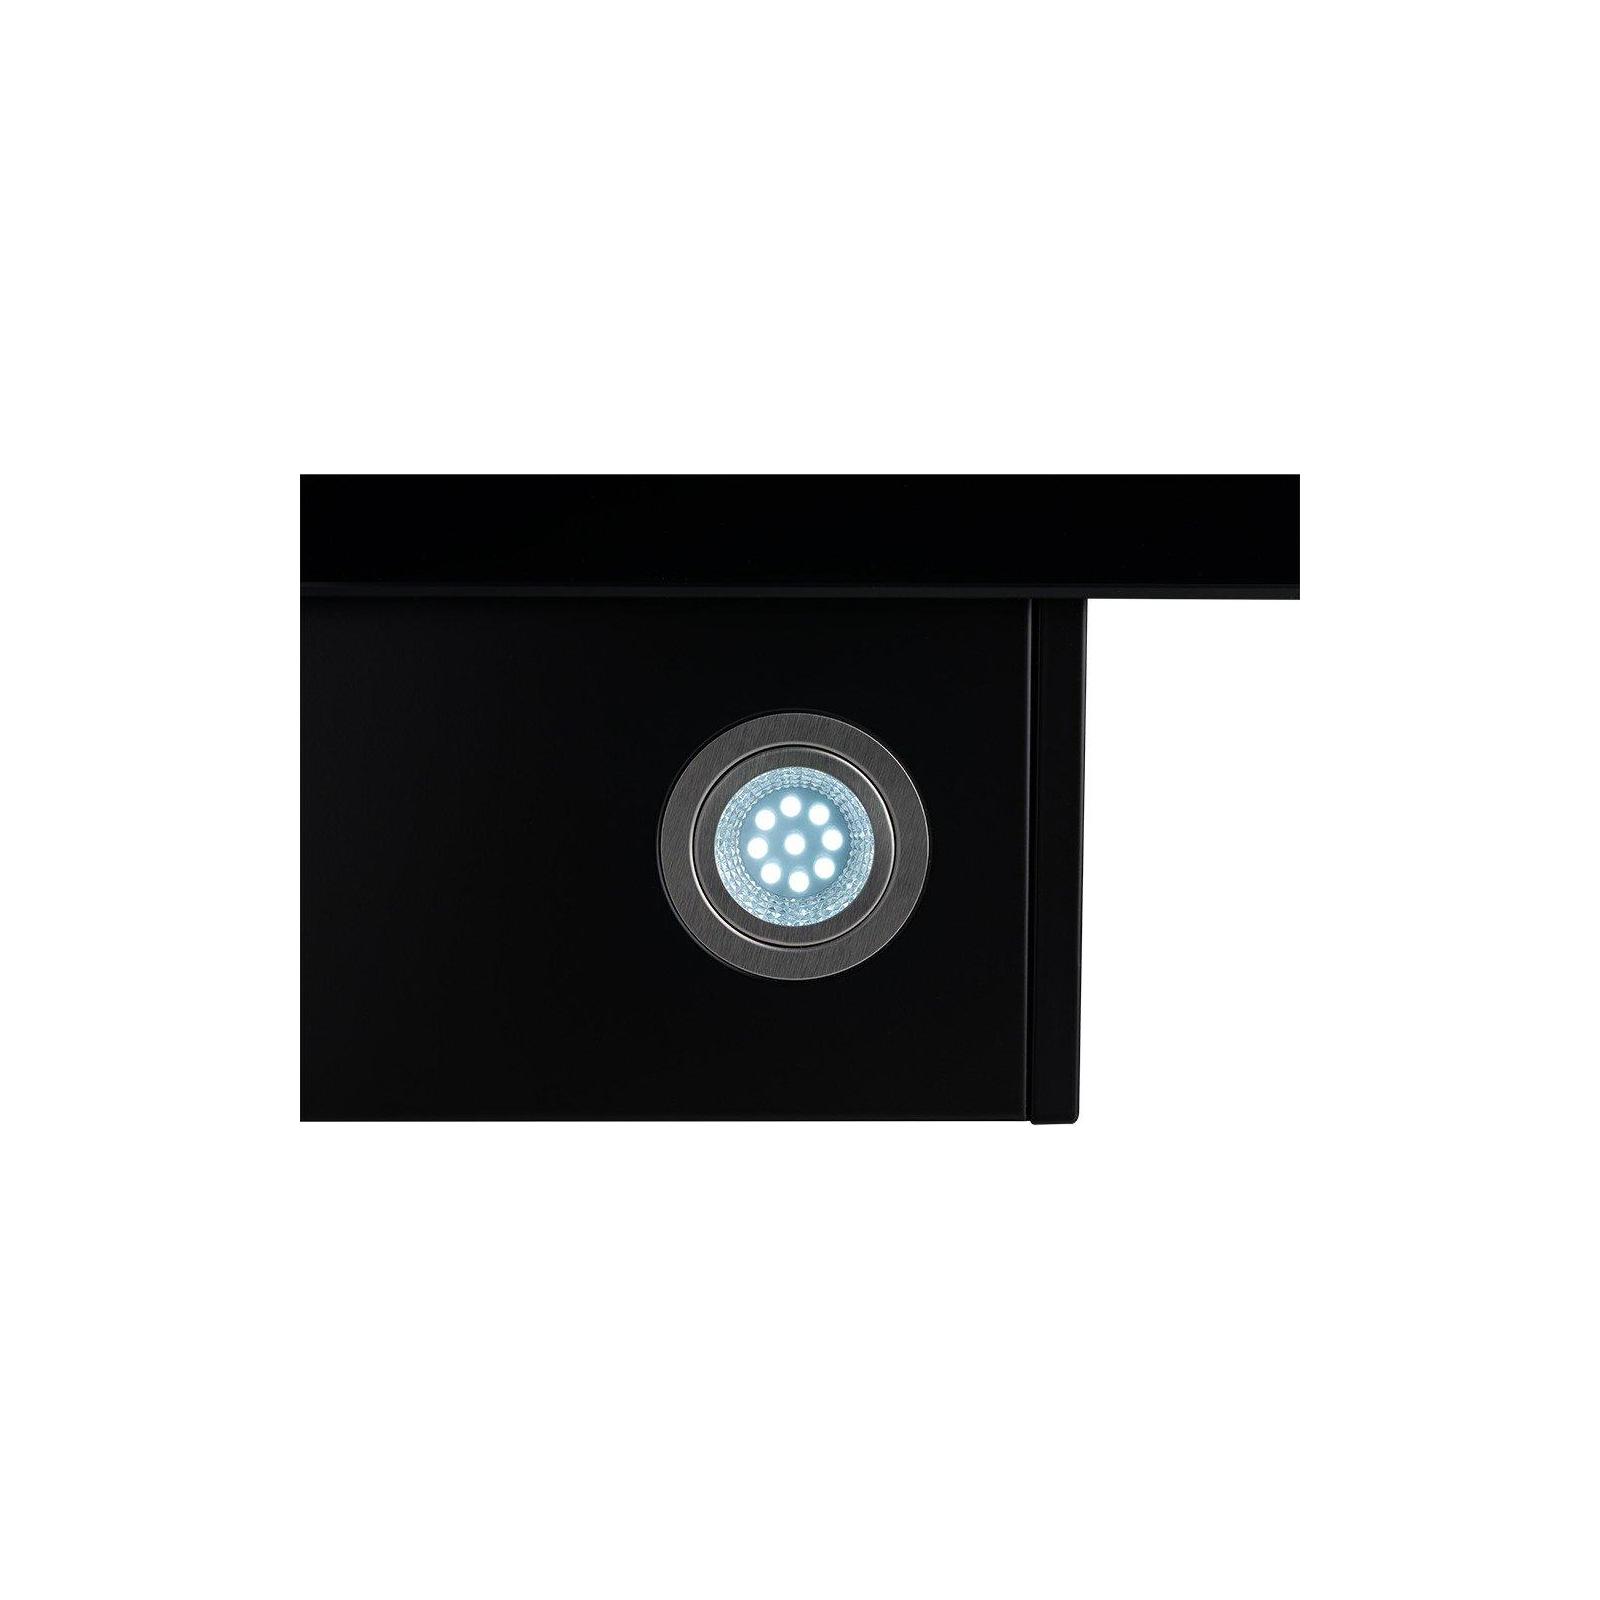 Вытяжка кухонная MINOLA HVS 6382 BL 750 LED изображение 5